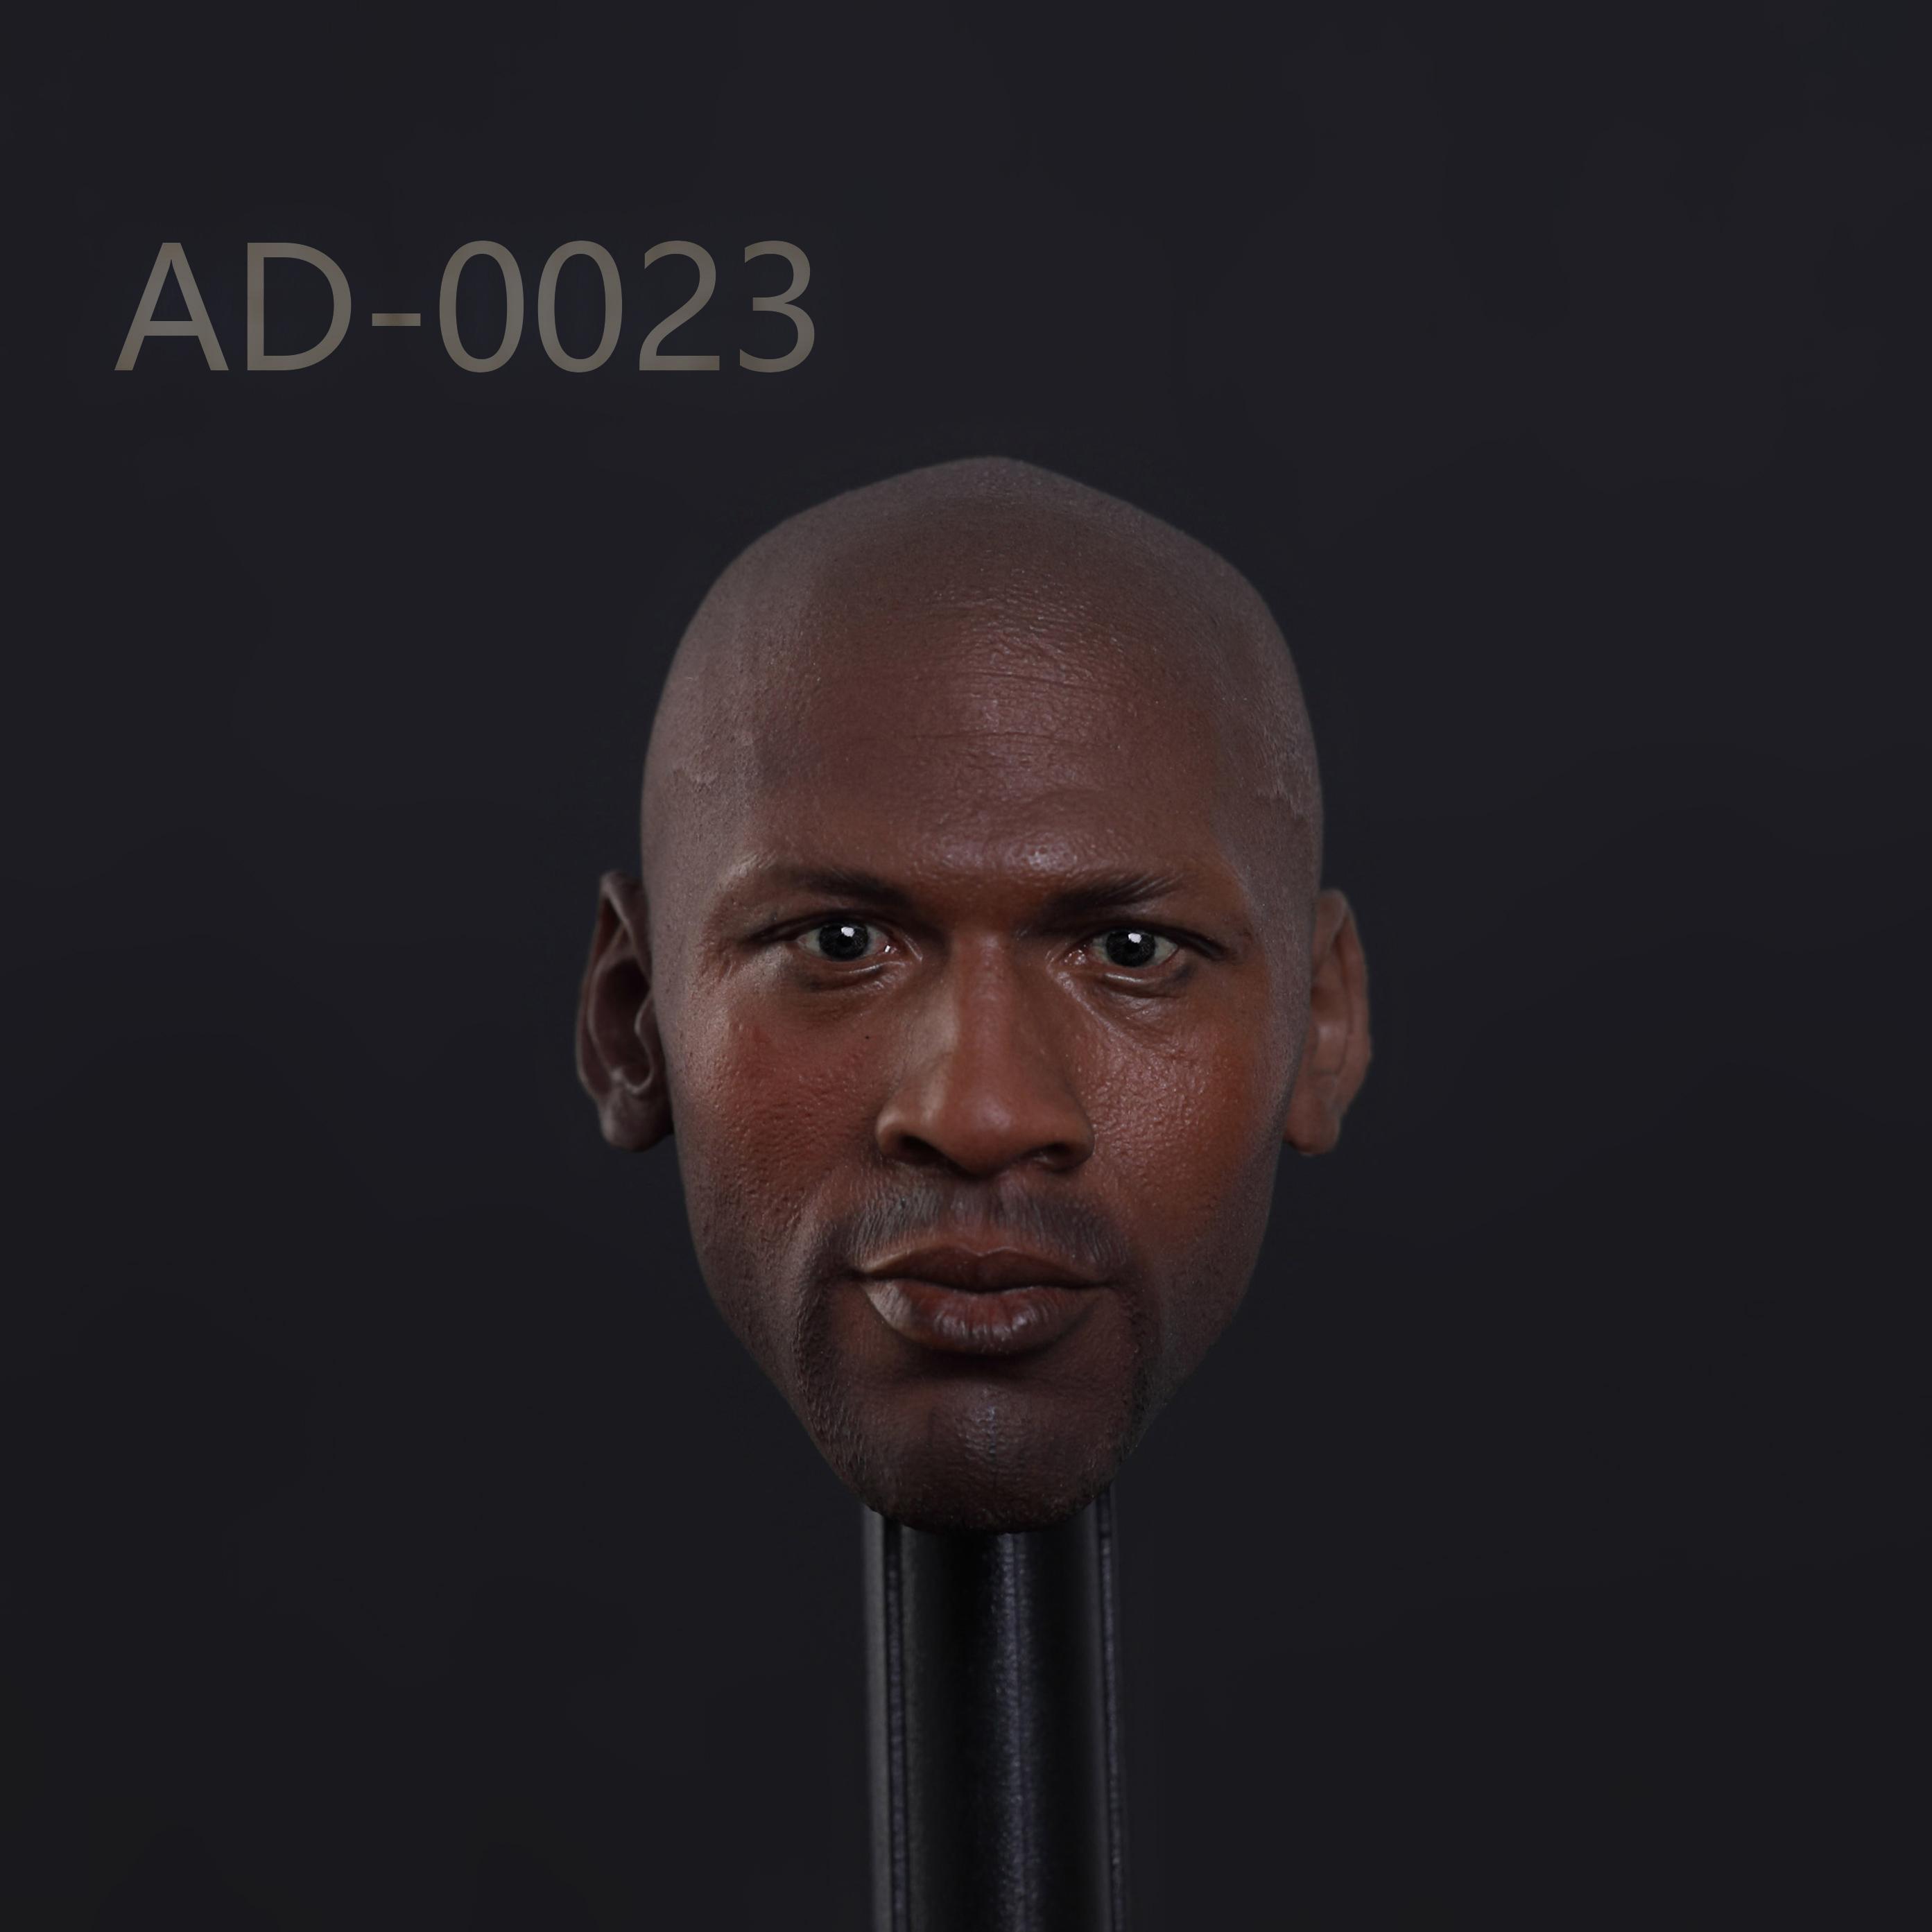 ADVANCE TOYS AD0023 Jordan Headsculpt